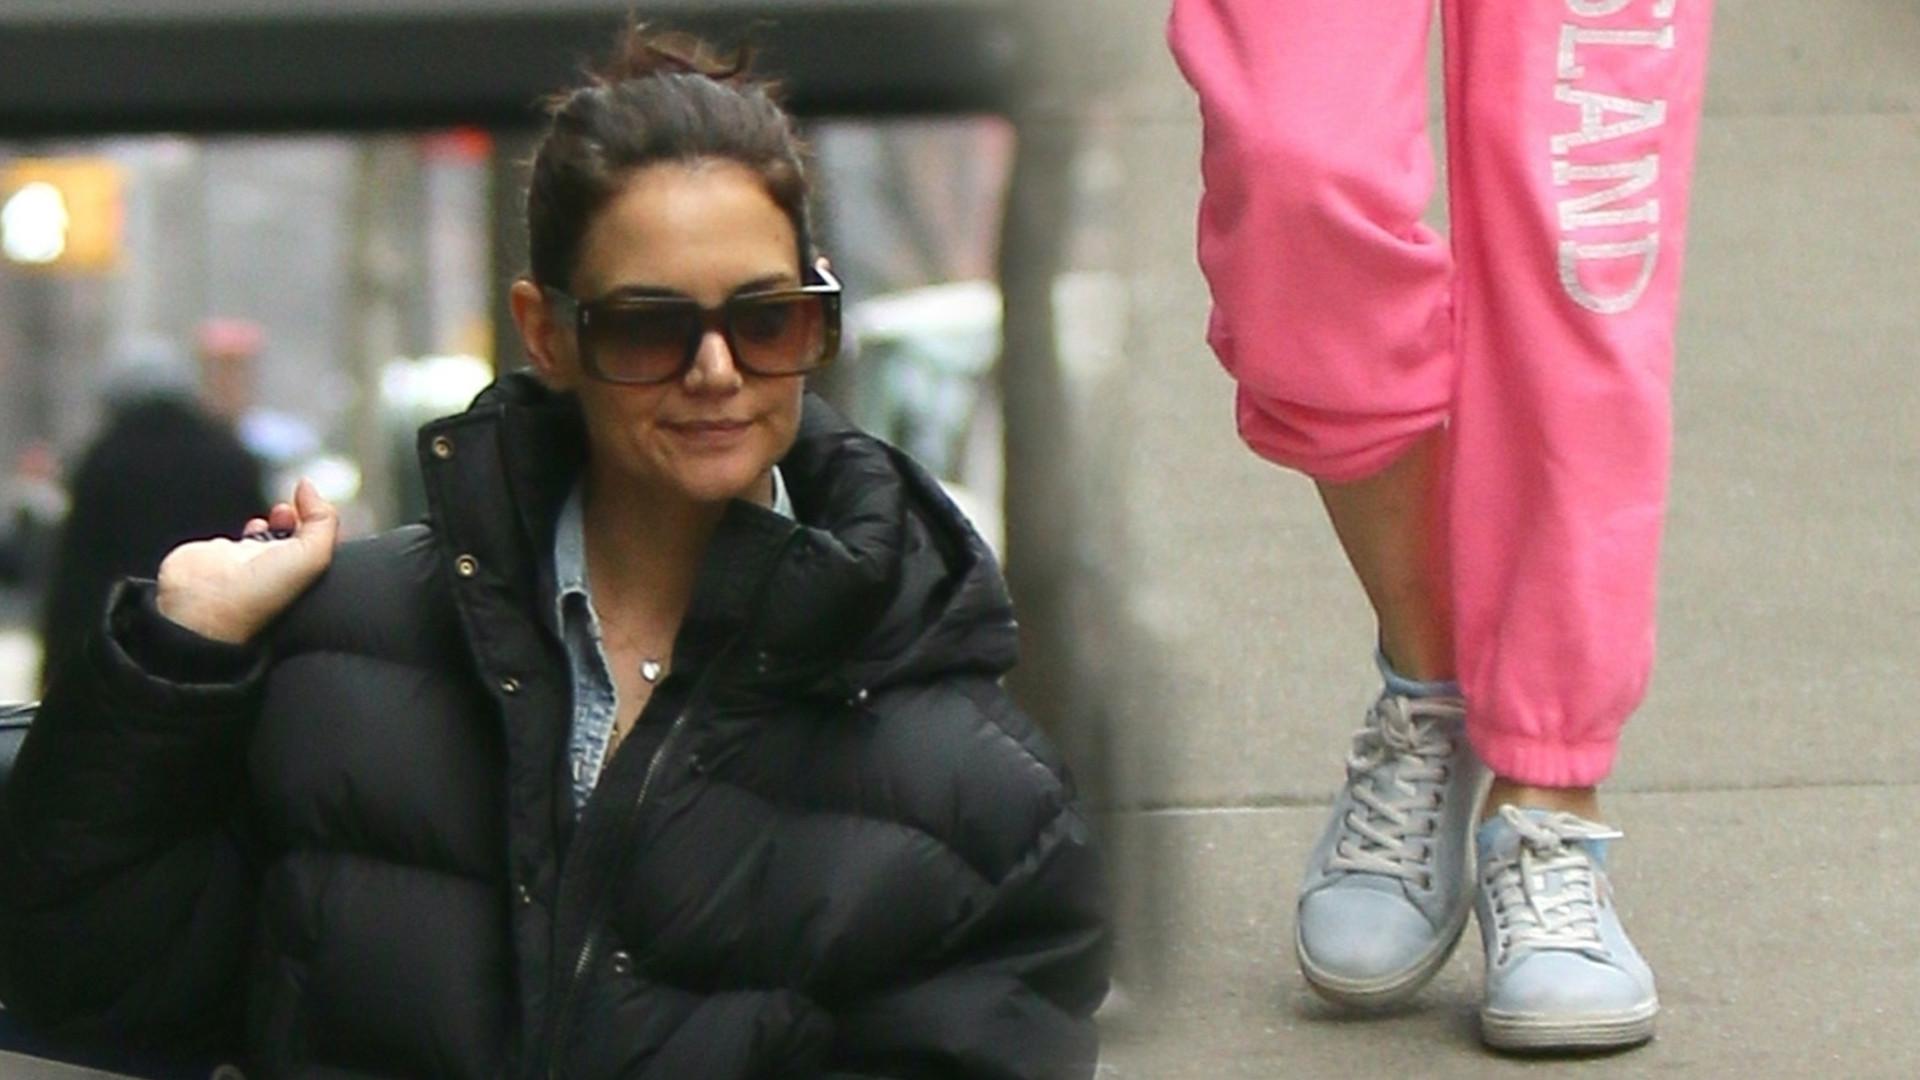 Katie Holmes z córką w Nowym Jorku. Suri jest BARDZO podobna do ojca (ZDJĘCIA)